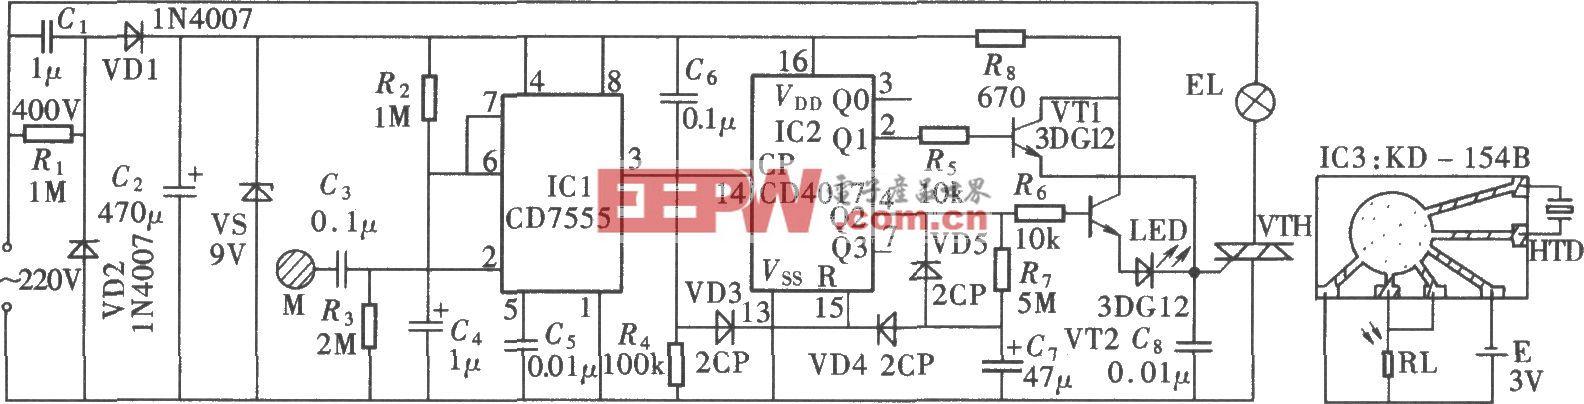 触摸开灯、延时熄灭式音乐台灯(CD7555、CD4017)